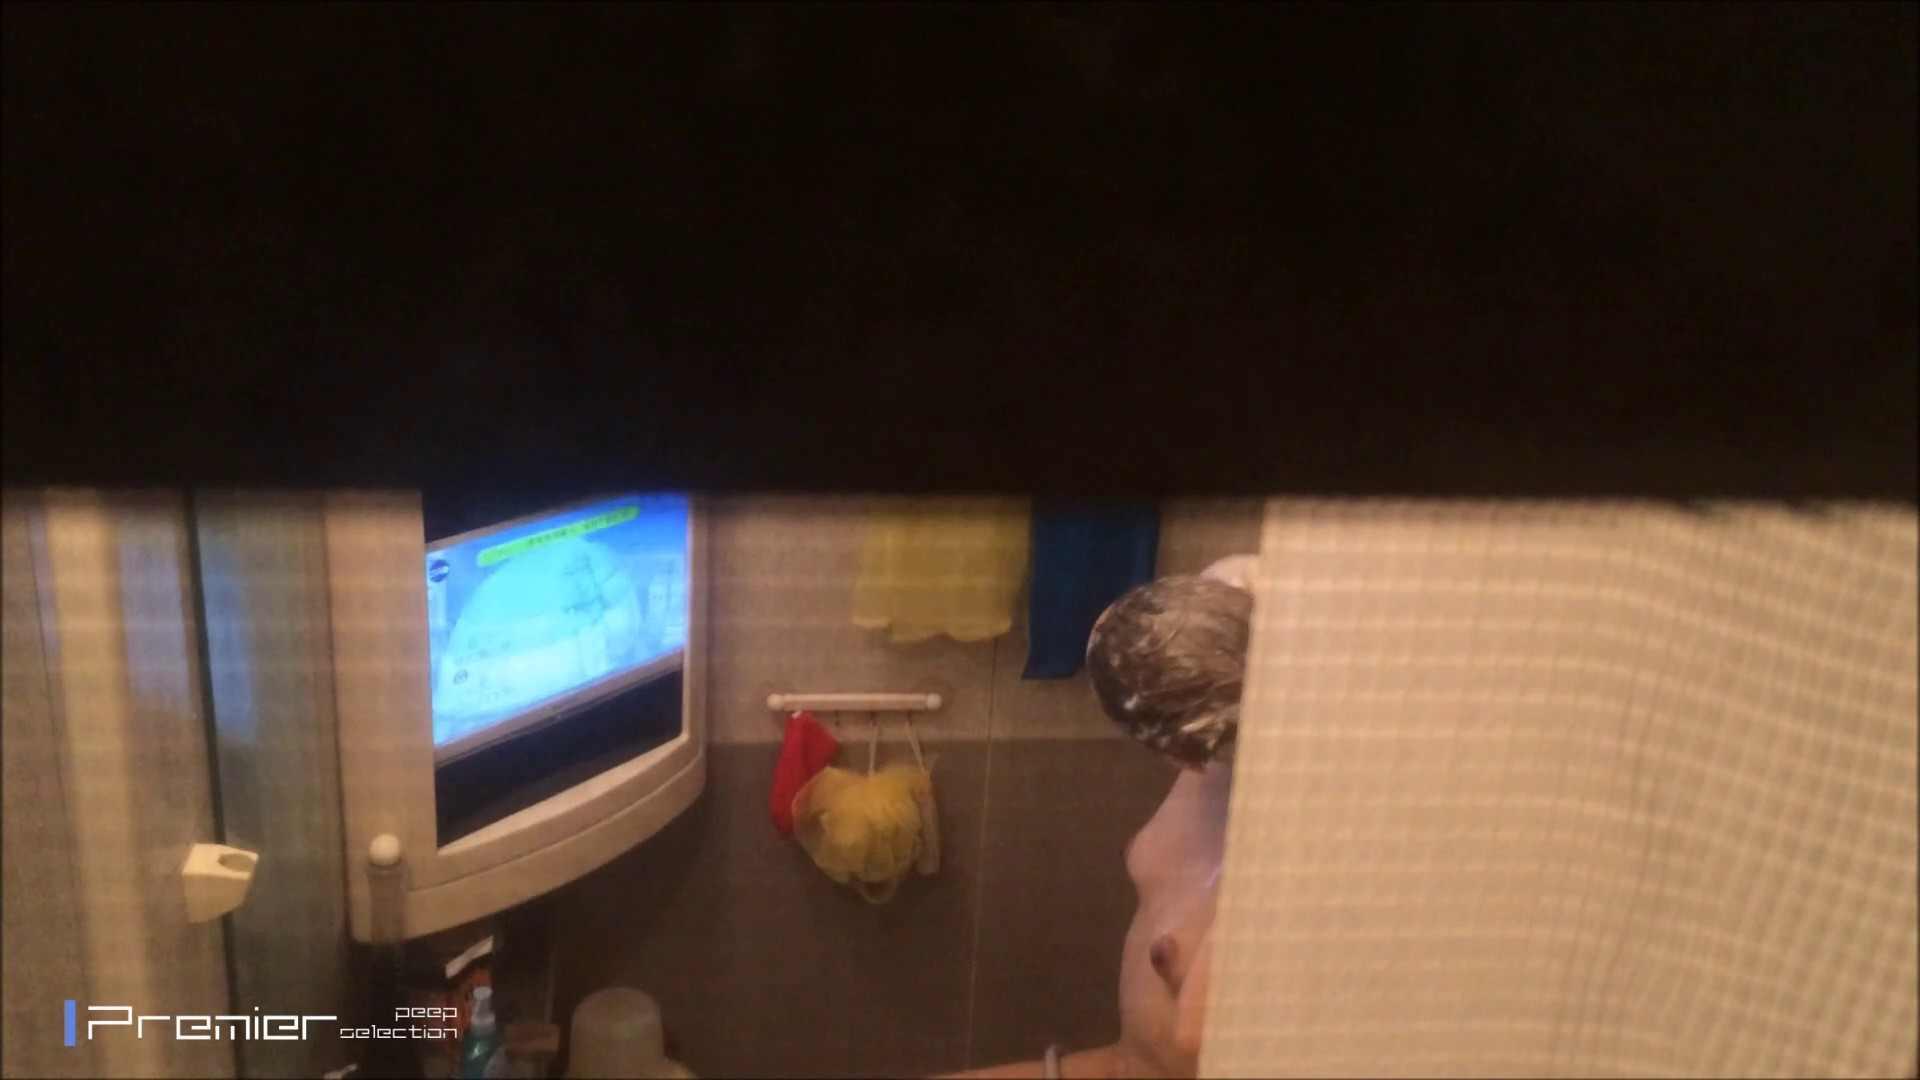 美女のテレビを見ながらの入浴 乙女の風呂場 Vol.21 投稿 アダルト動画キャプチャ 30pic 10